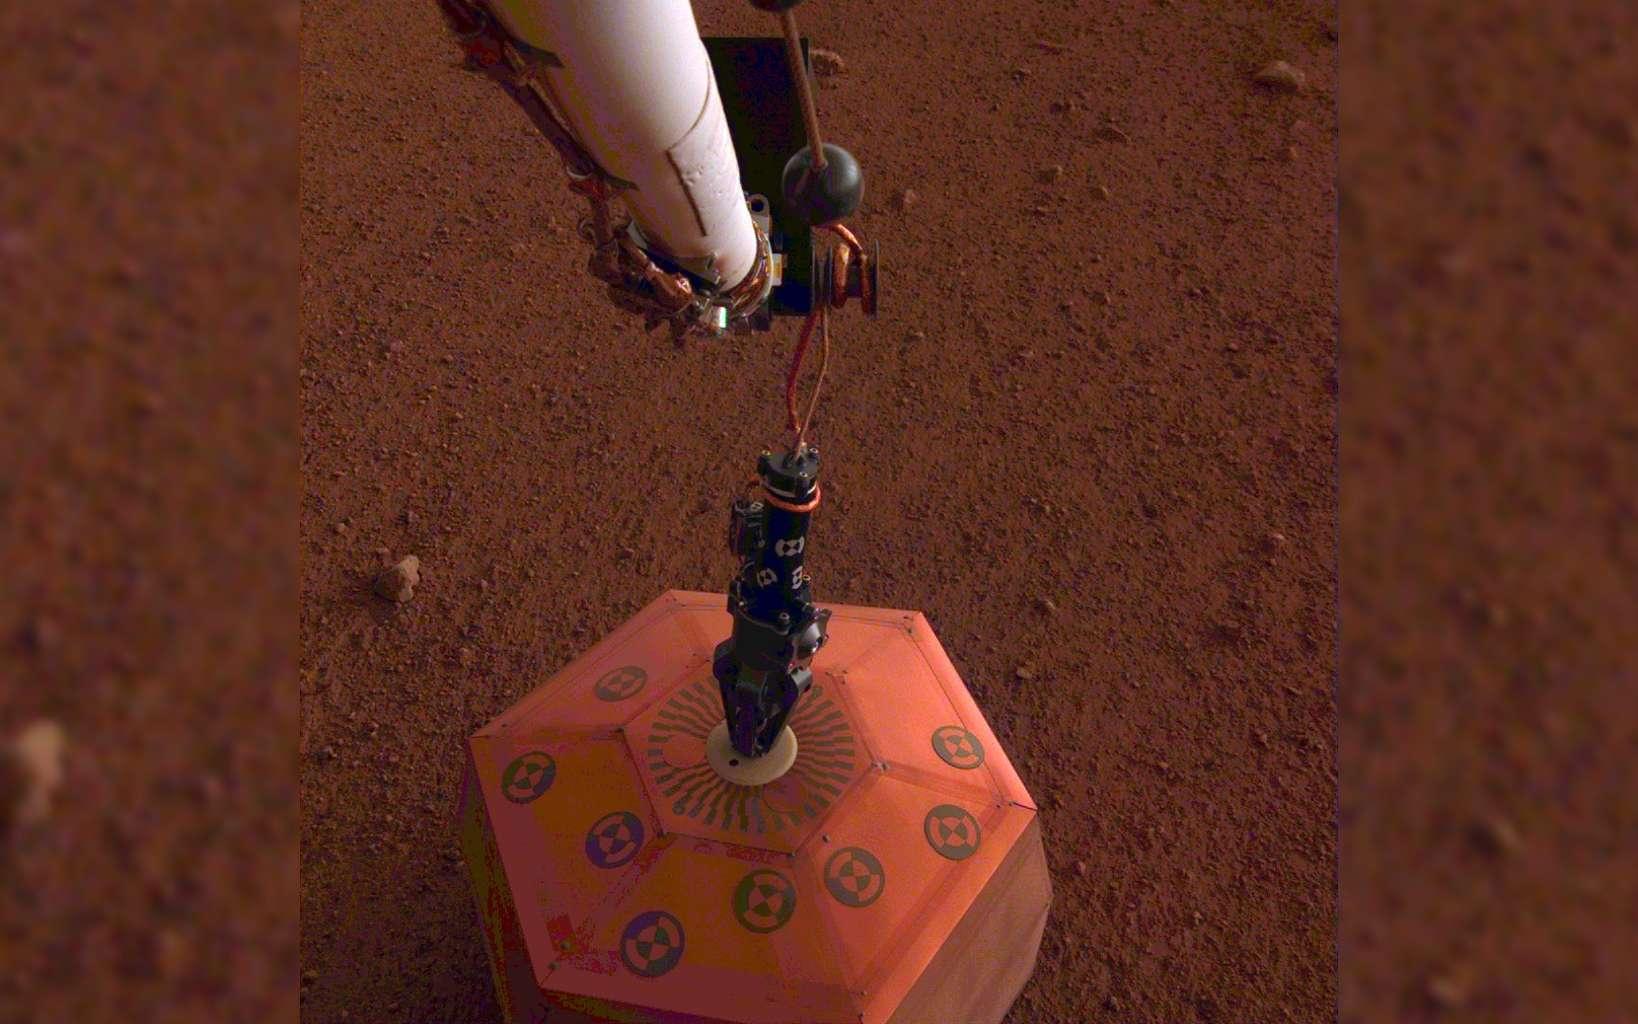 Le sismomètre Seis a été posé avec succès sur le sol de Mars le 19 décembre, lors du 22e jour d'InSight. © Nasa, JPL-Caltech